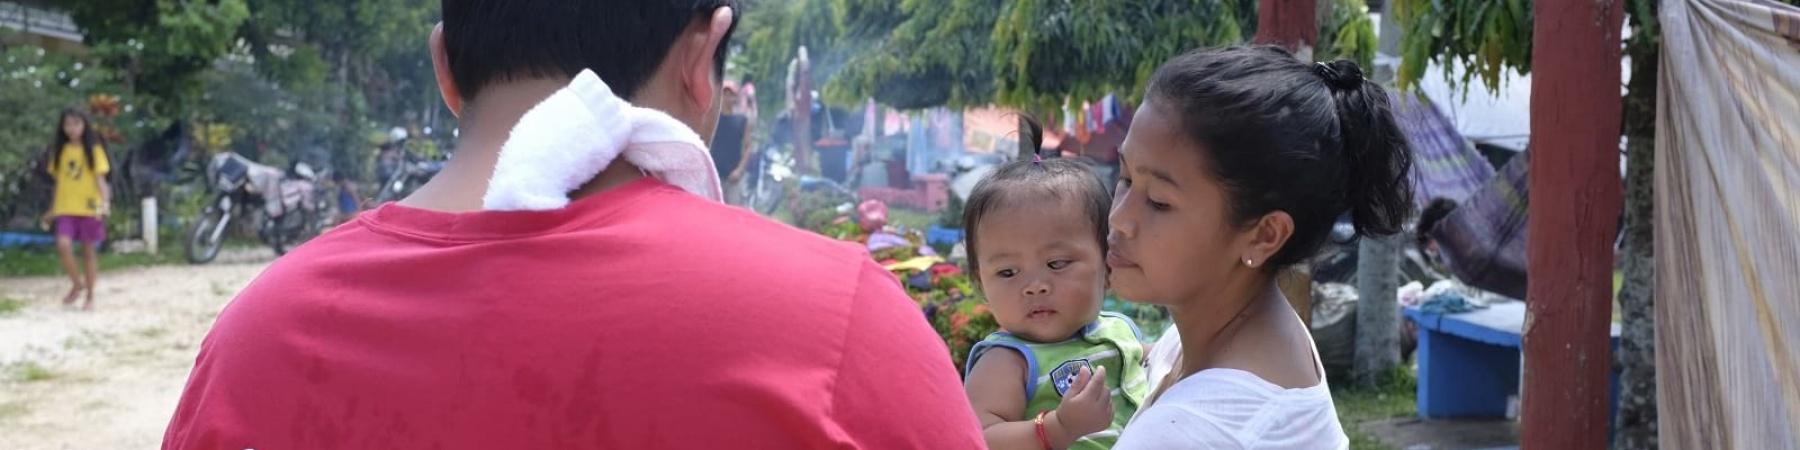 Operatore Save the Children presta assistenza a una mamma filippina con bambino in braccio